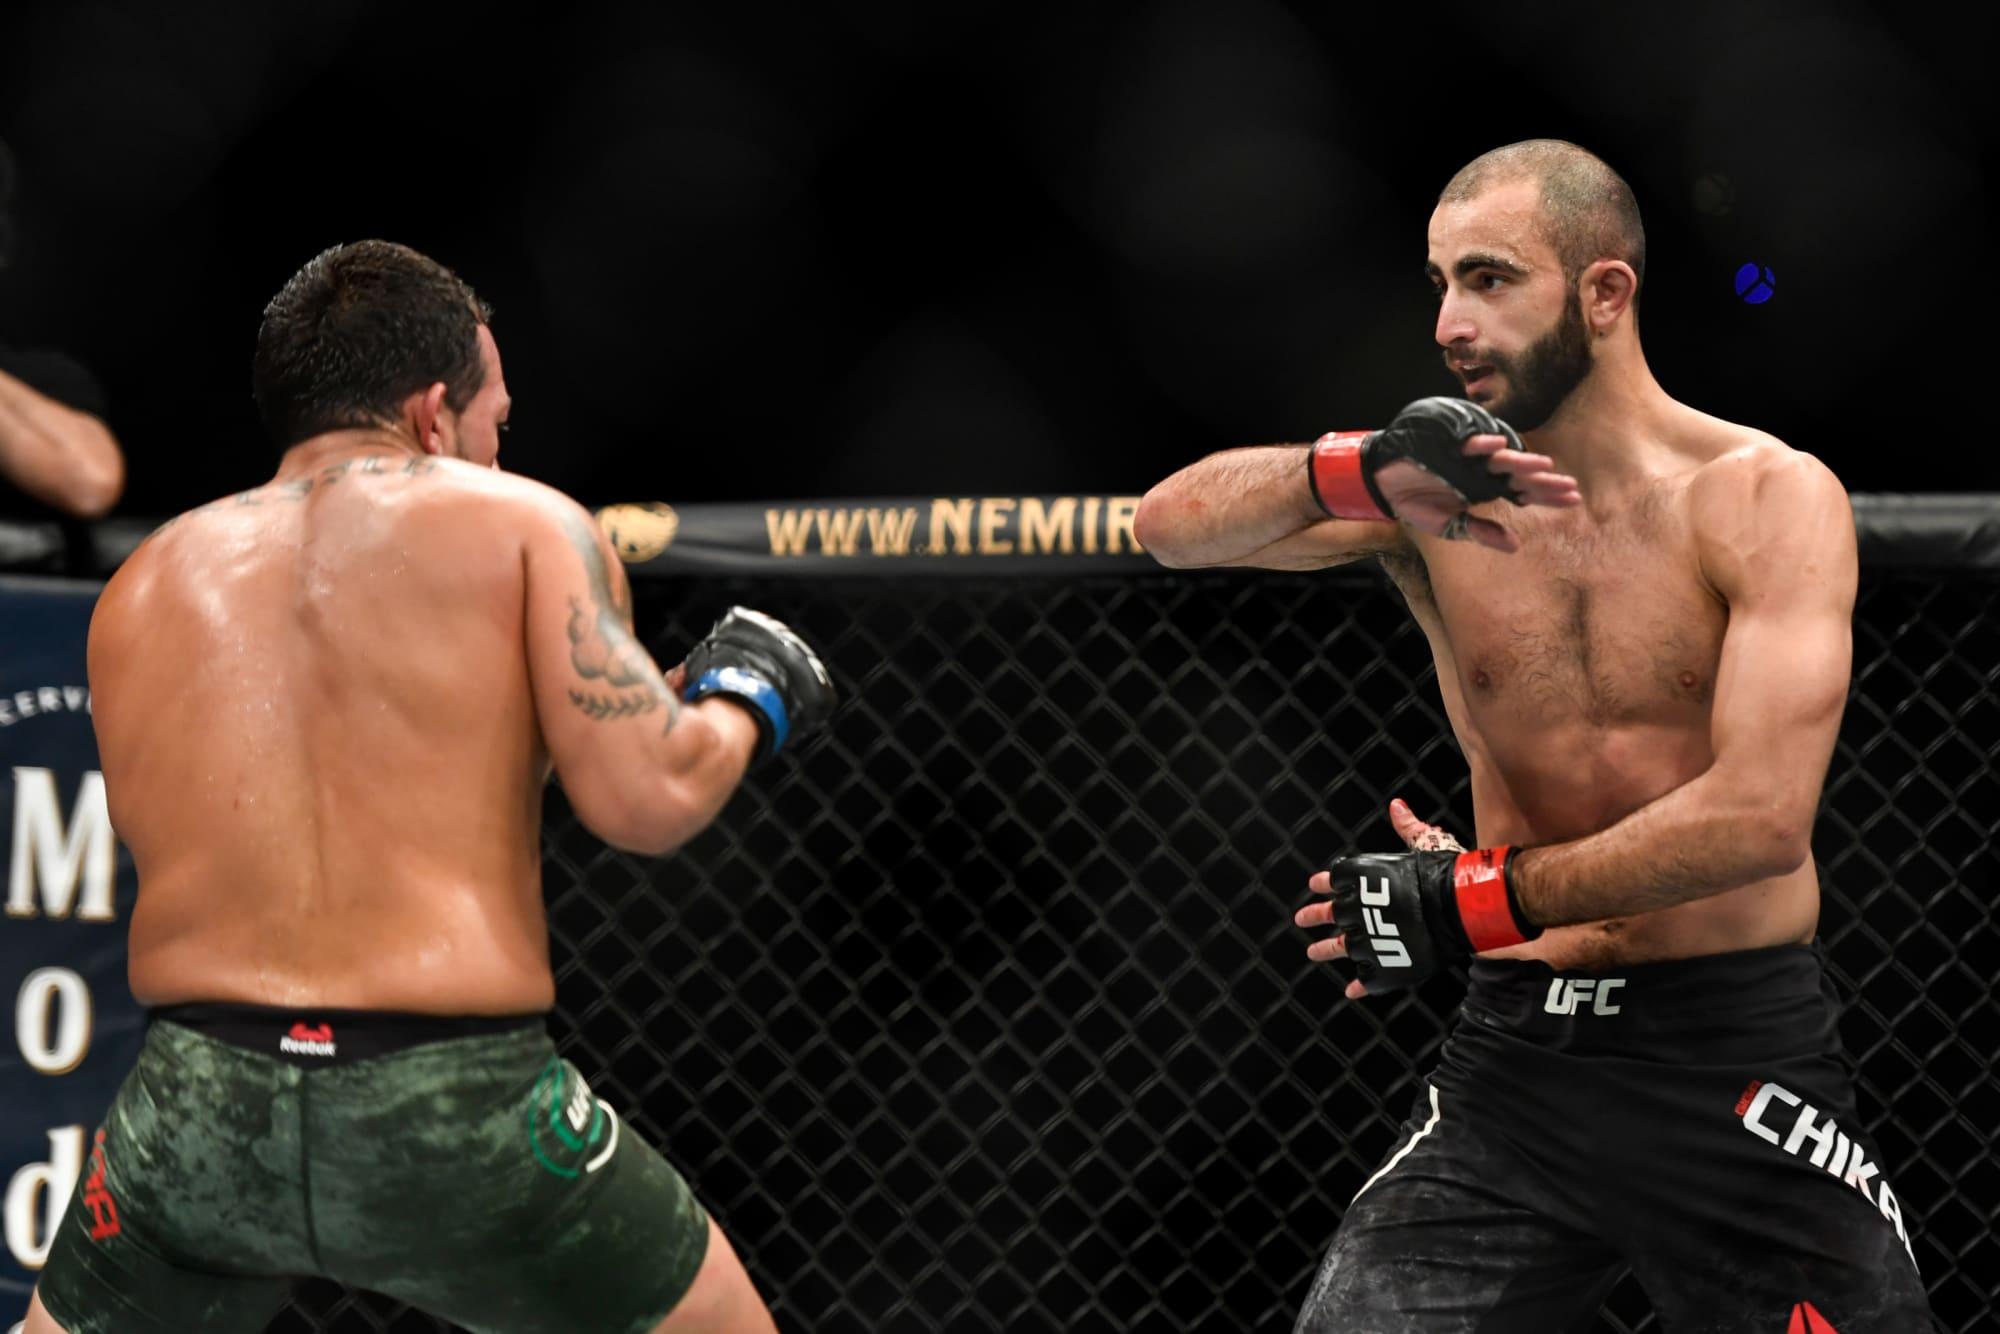 UFC Vegas 35: Edson Barboza vs.  Apuestas Giga Chikadze